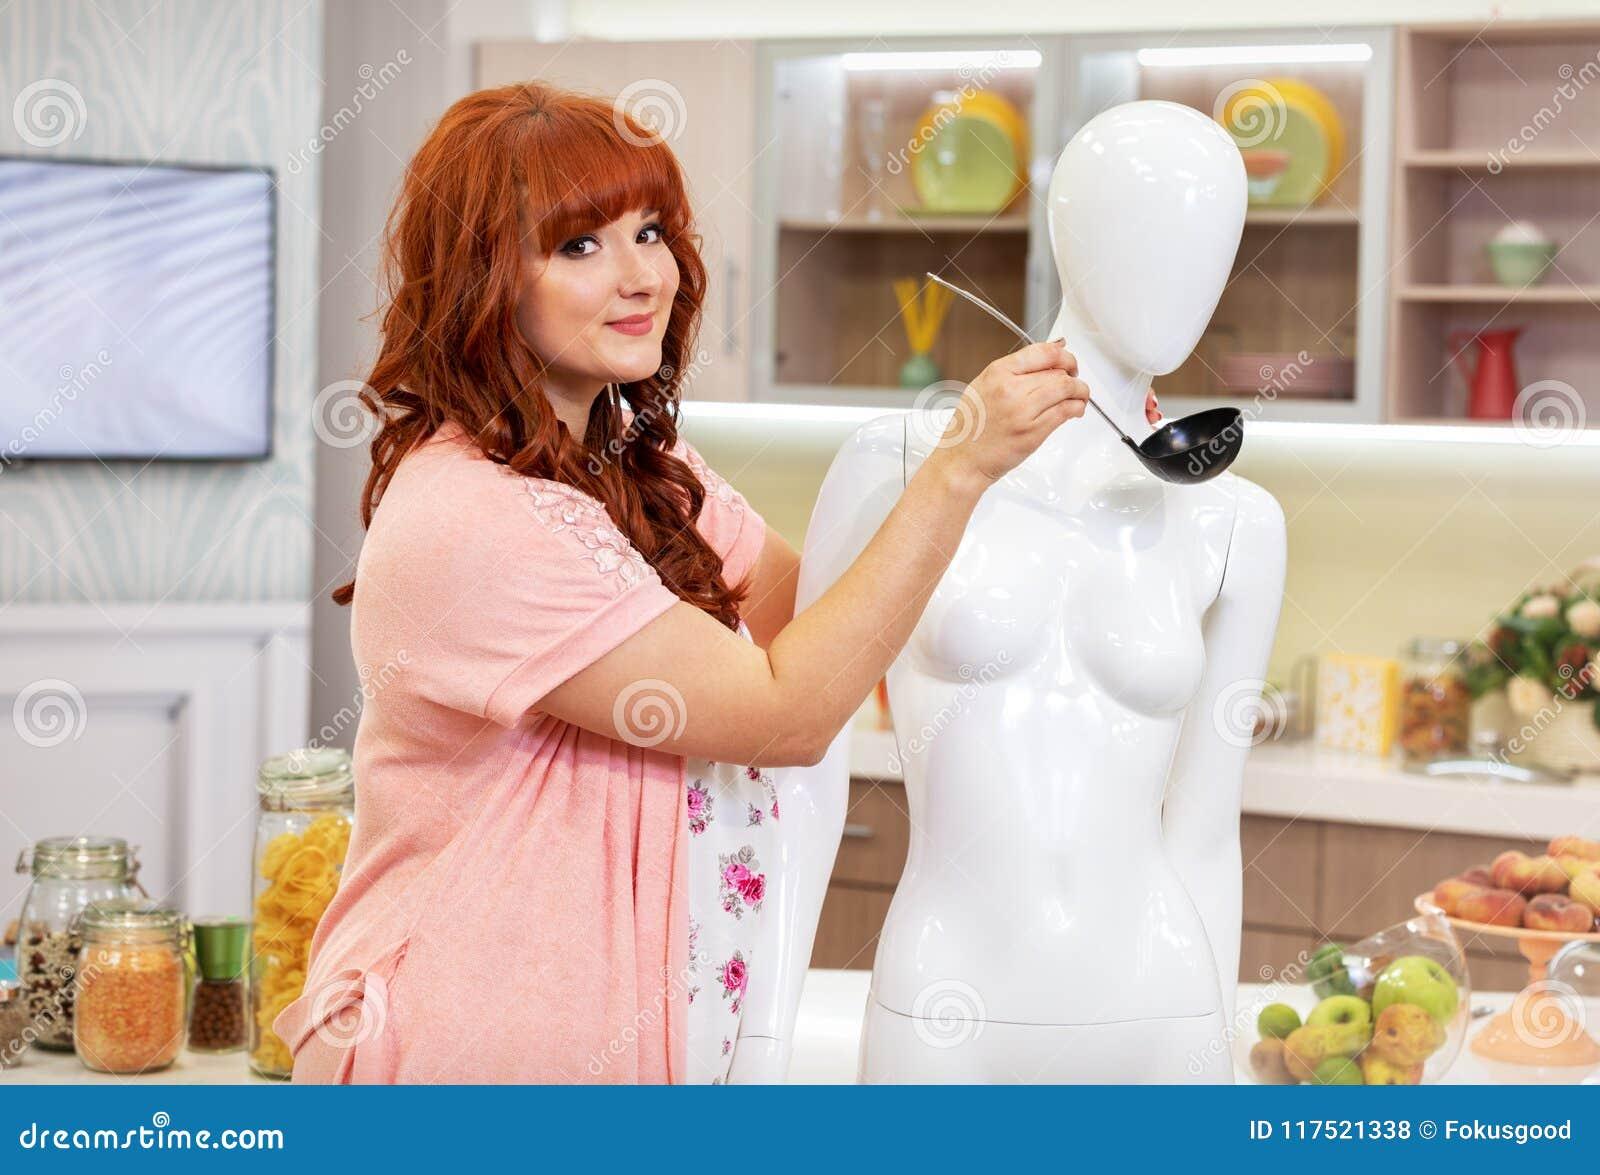 Ragazza con la siviera vicino al manichino in cucina